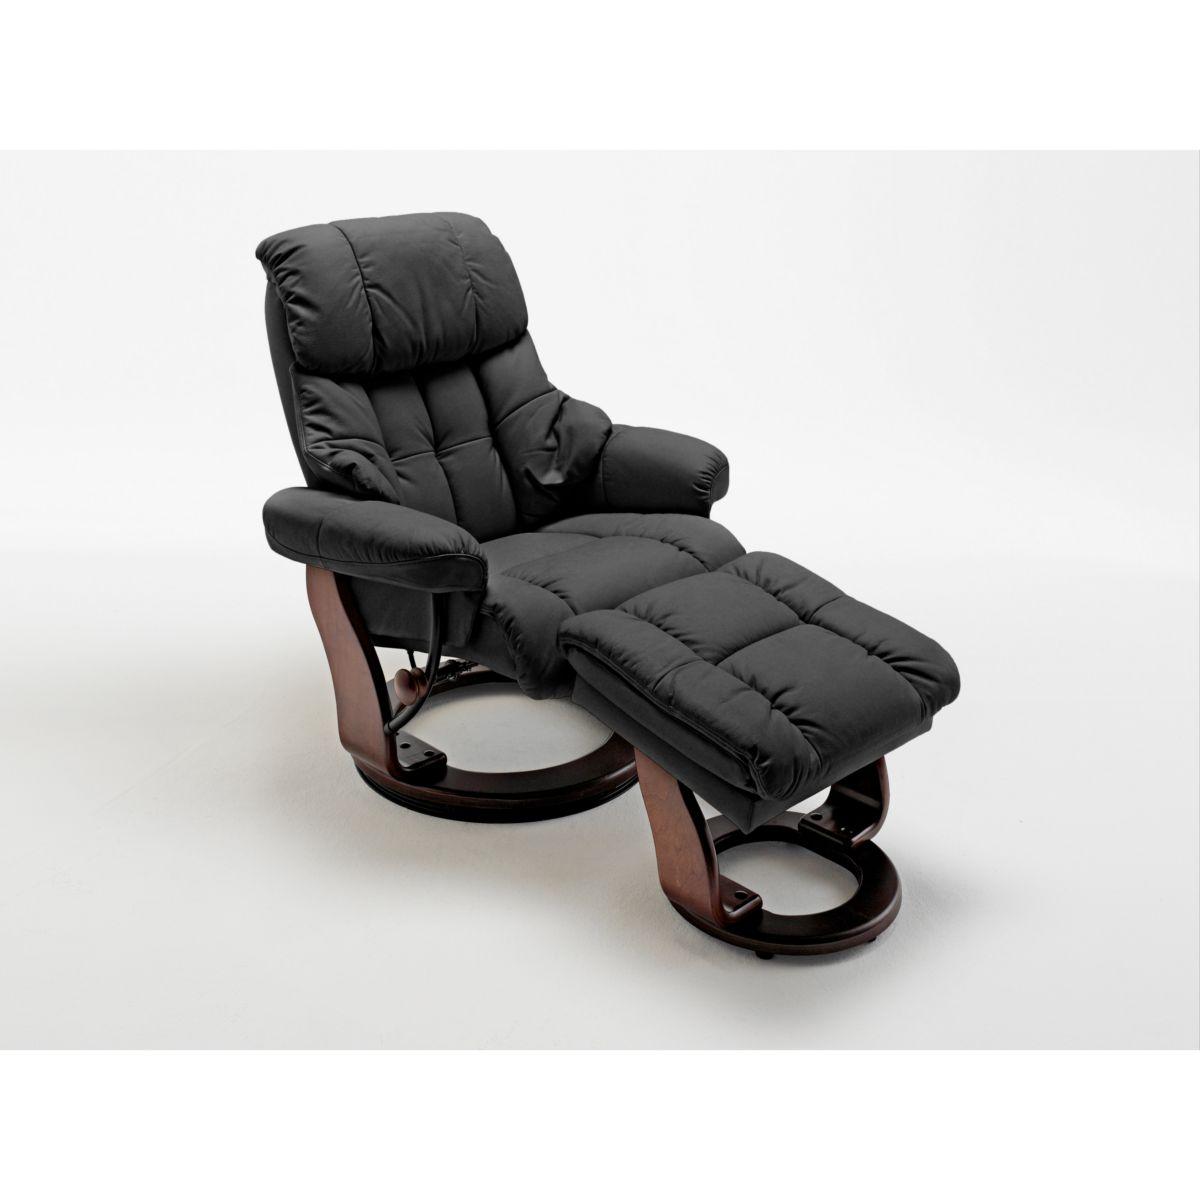 Relaxsessel mit Hocker schwarz Kunstleder / Leder jetztbilligerkaufen